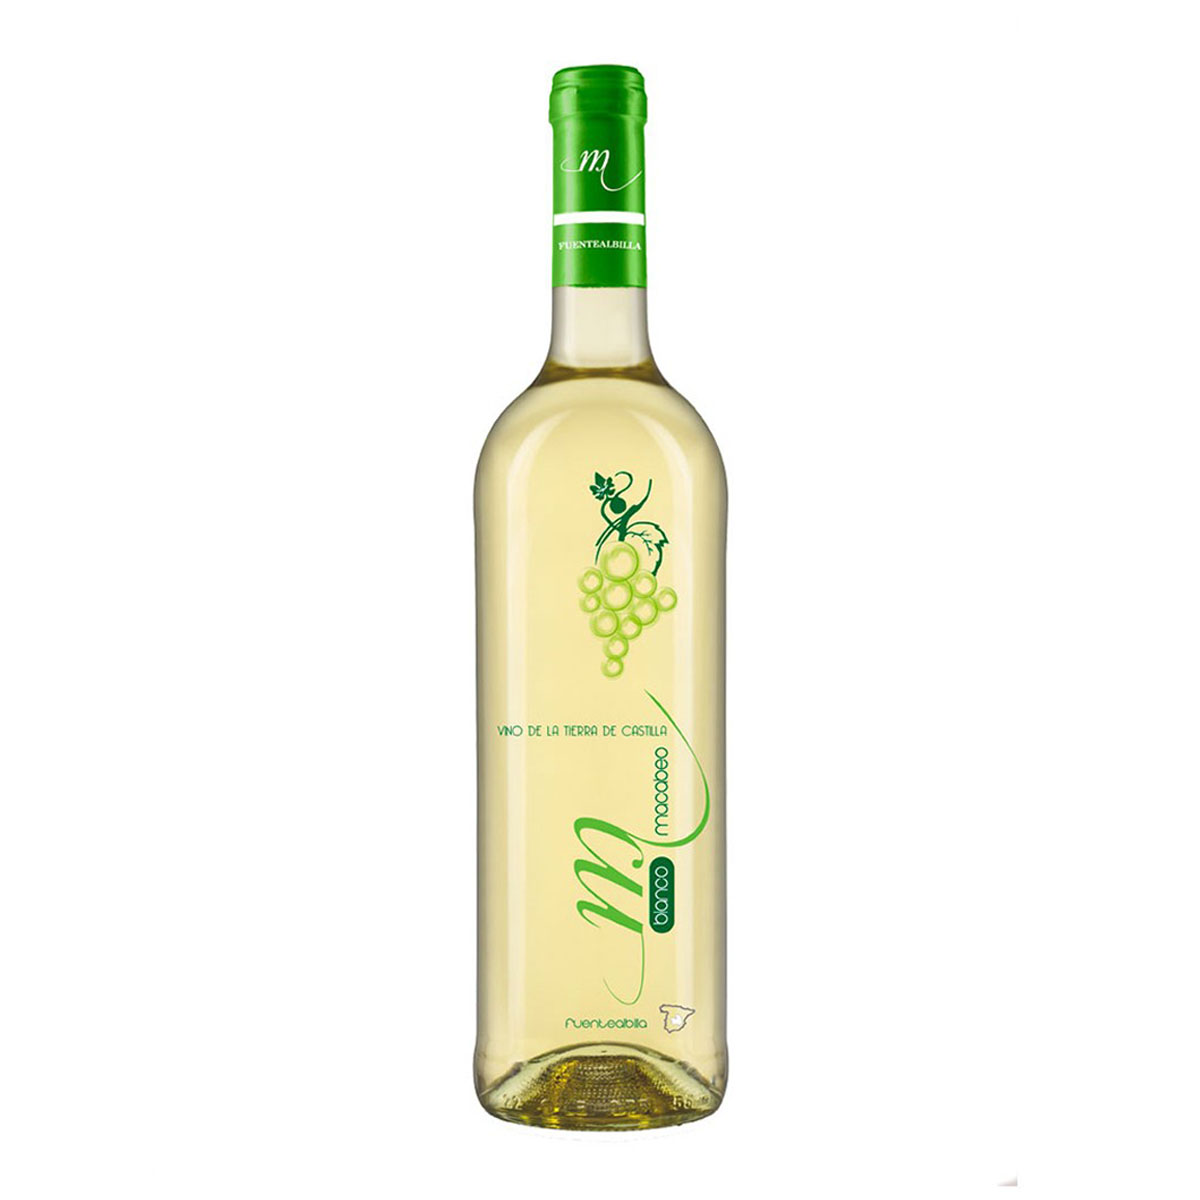 西班牙卡斯蒂亚-拉曼查干白葡萄酒